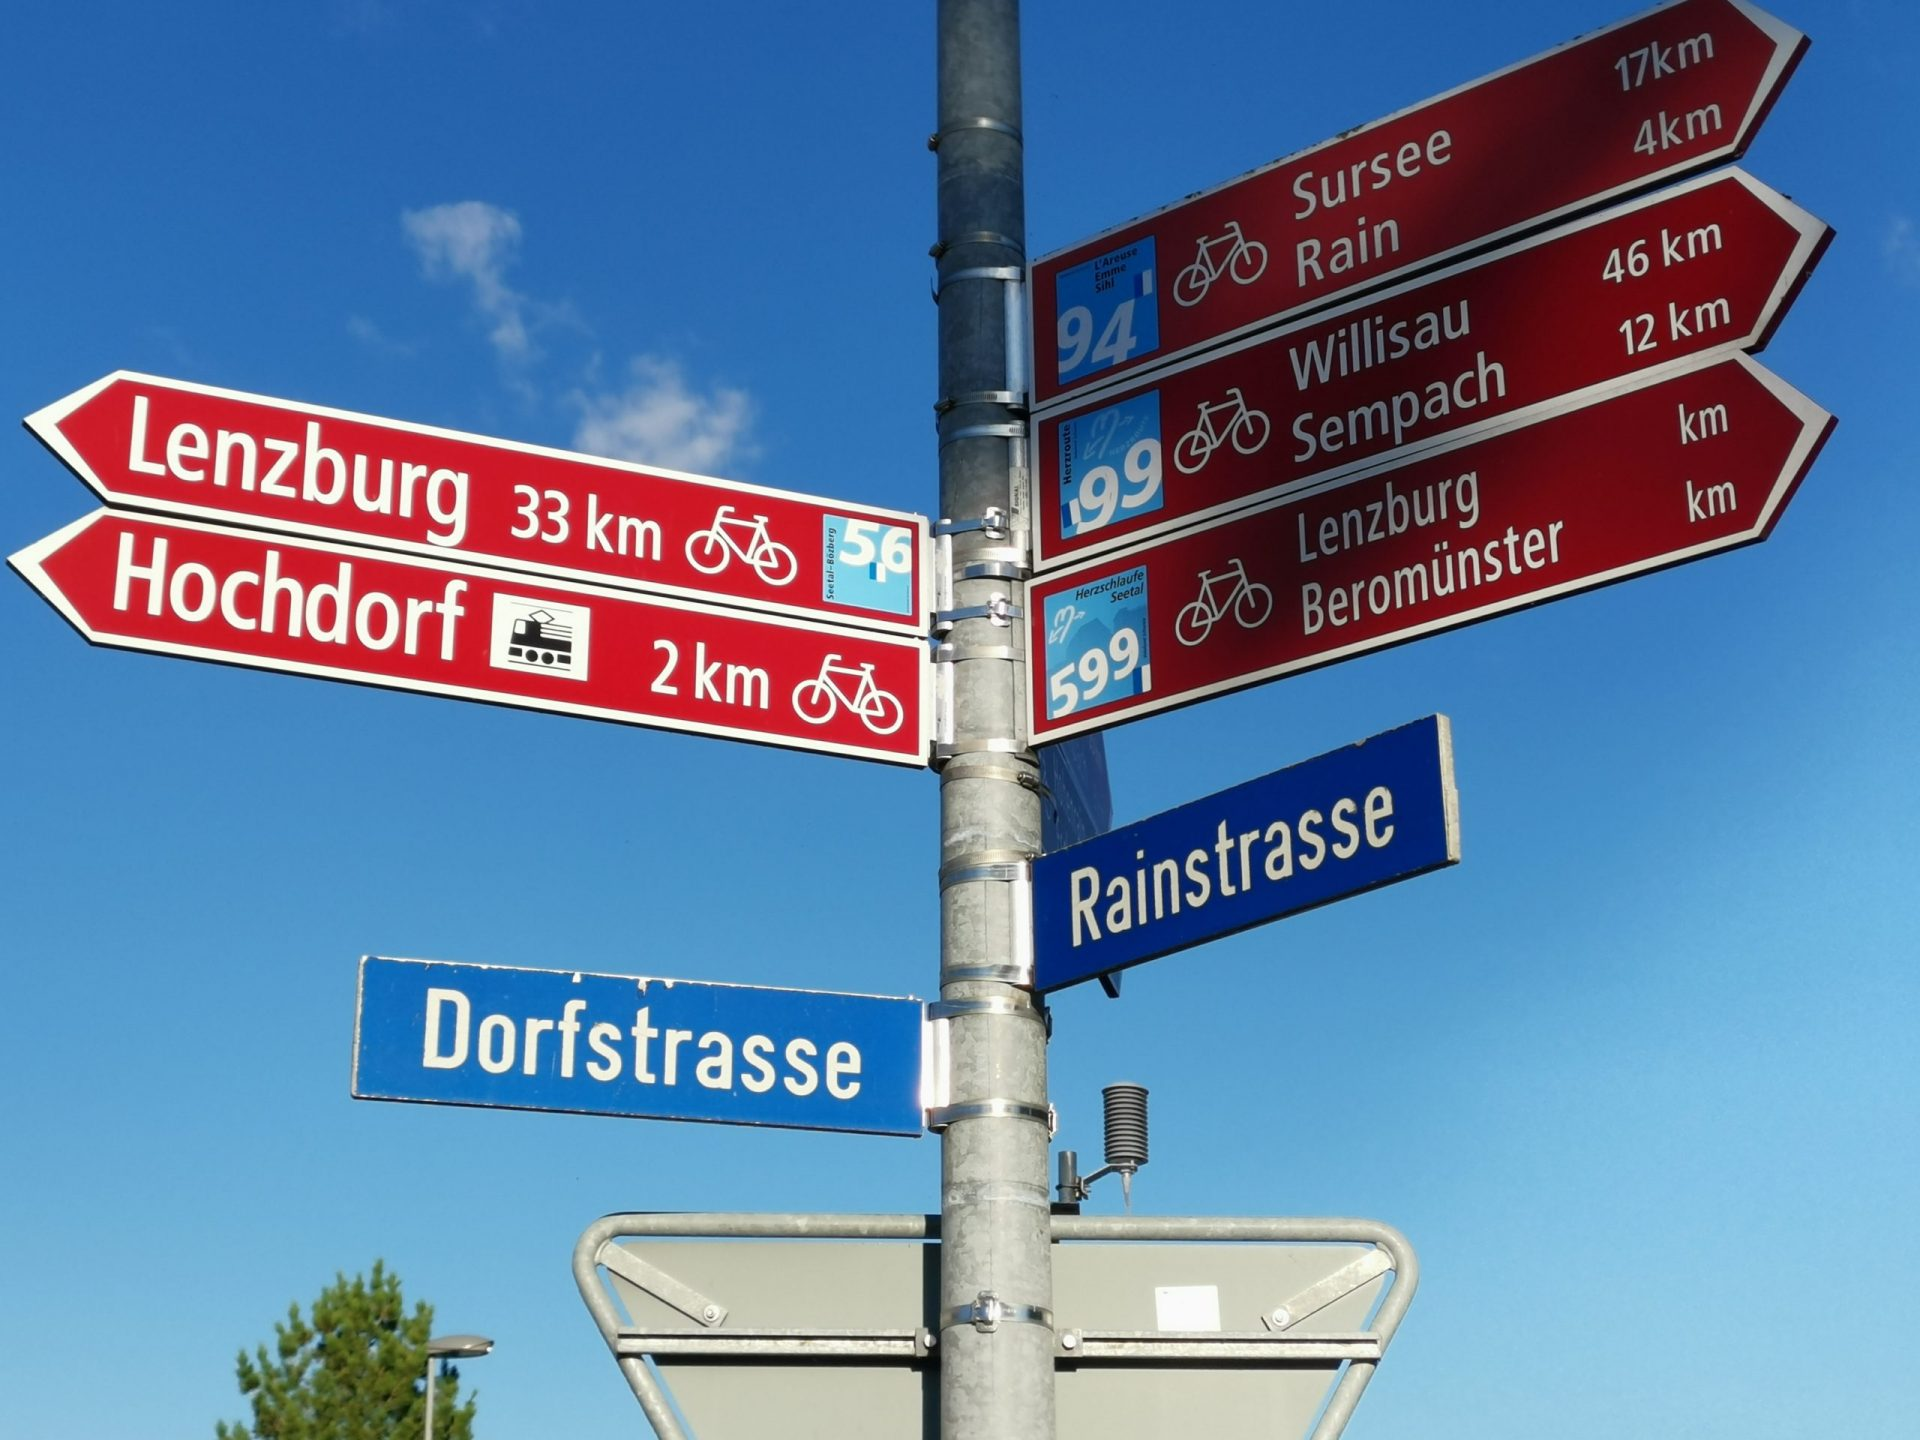 Wegweiser Schweiz Mobil Veloreisen Schweiz Veloferien Tourenvelo Fahrradreisen Reisen mit dem Velo